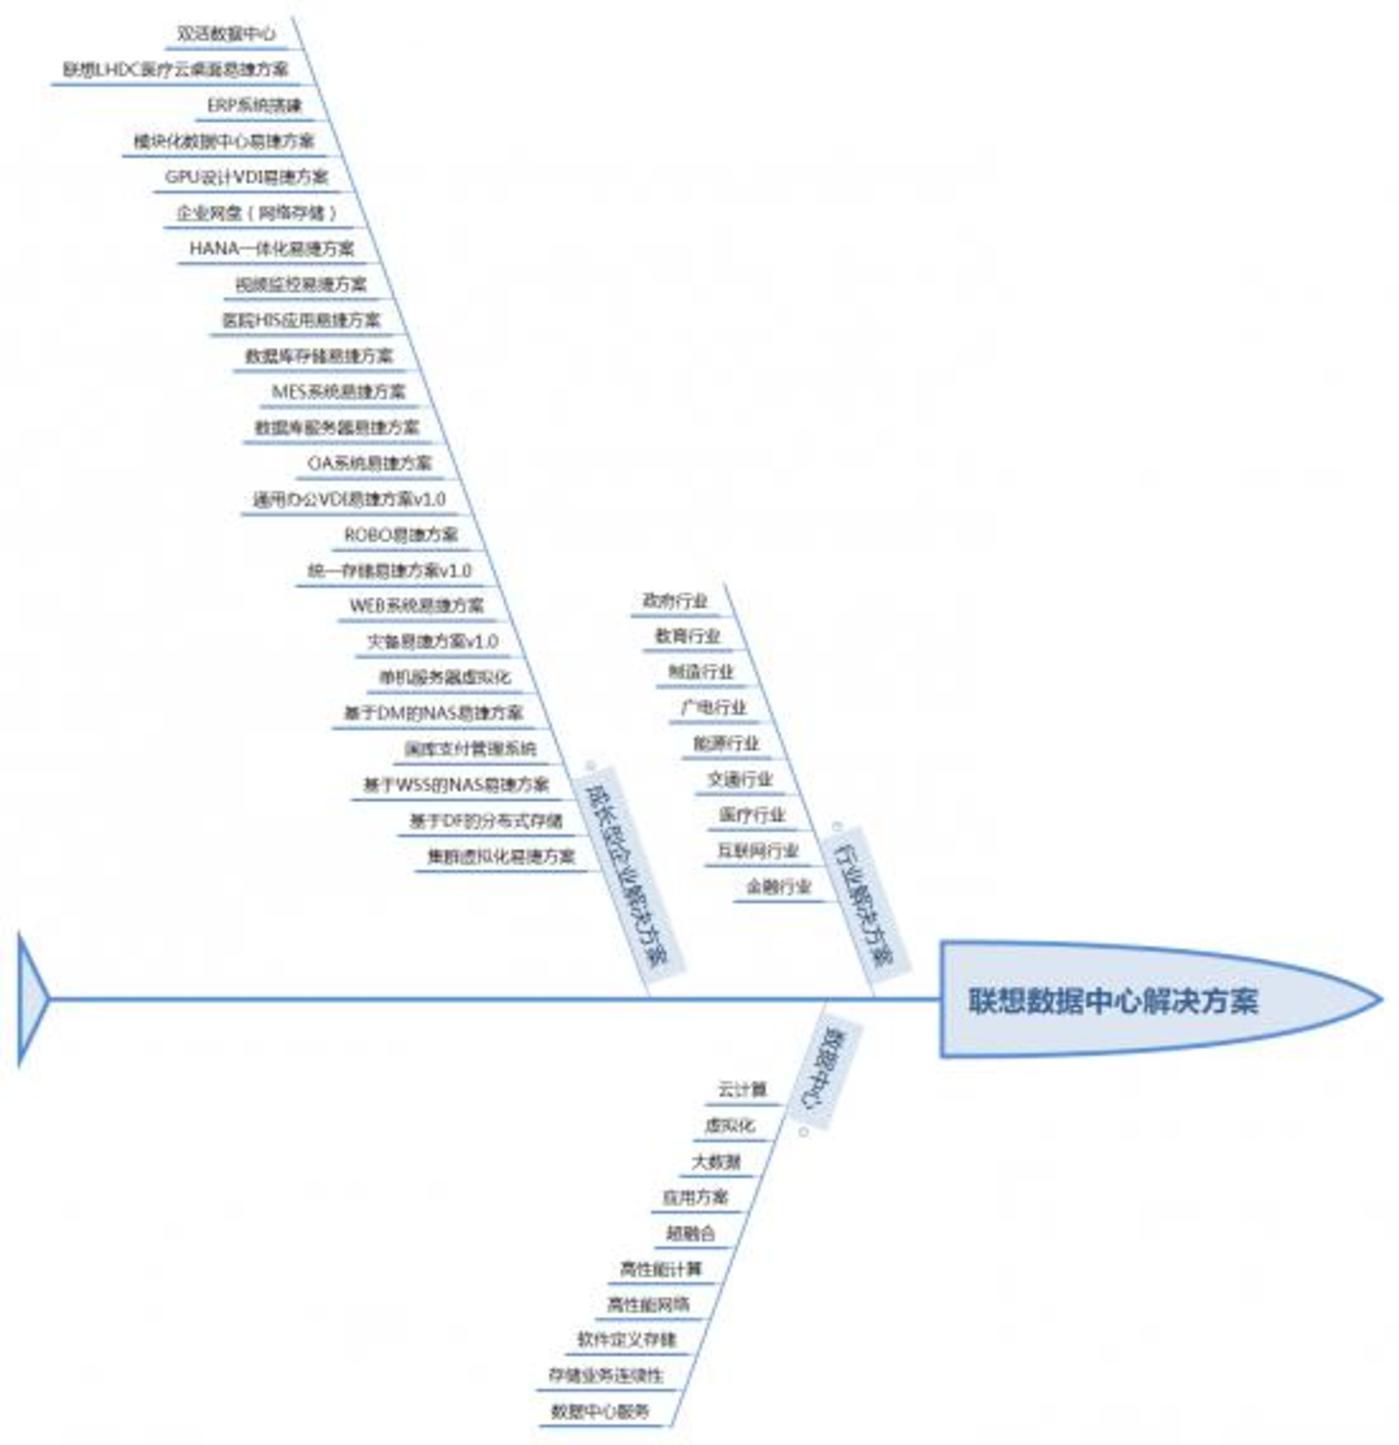 图:联想数据中心解决方案,由螳螂财经自https://dcg.lenovo.com.cn/整理